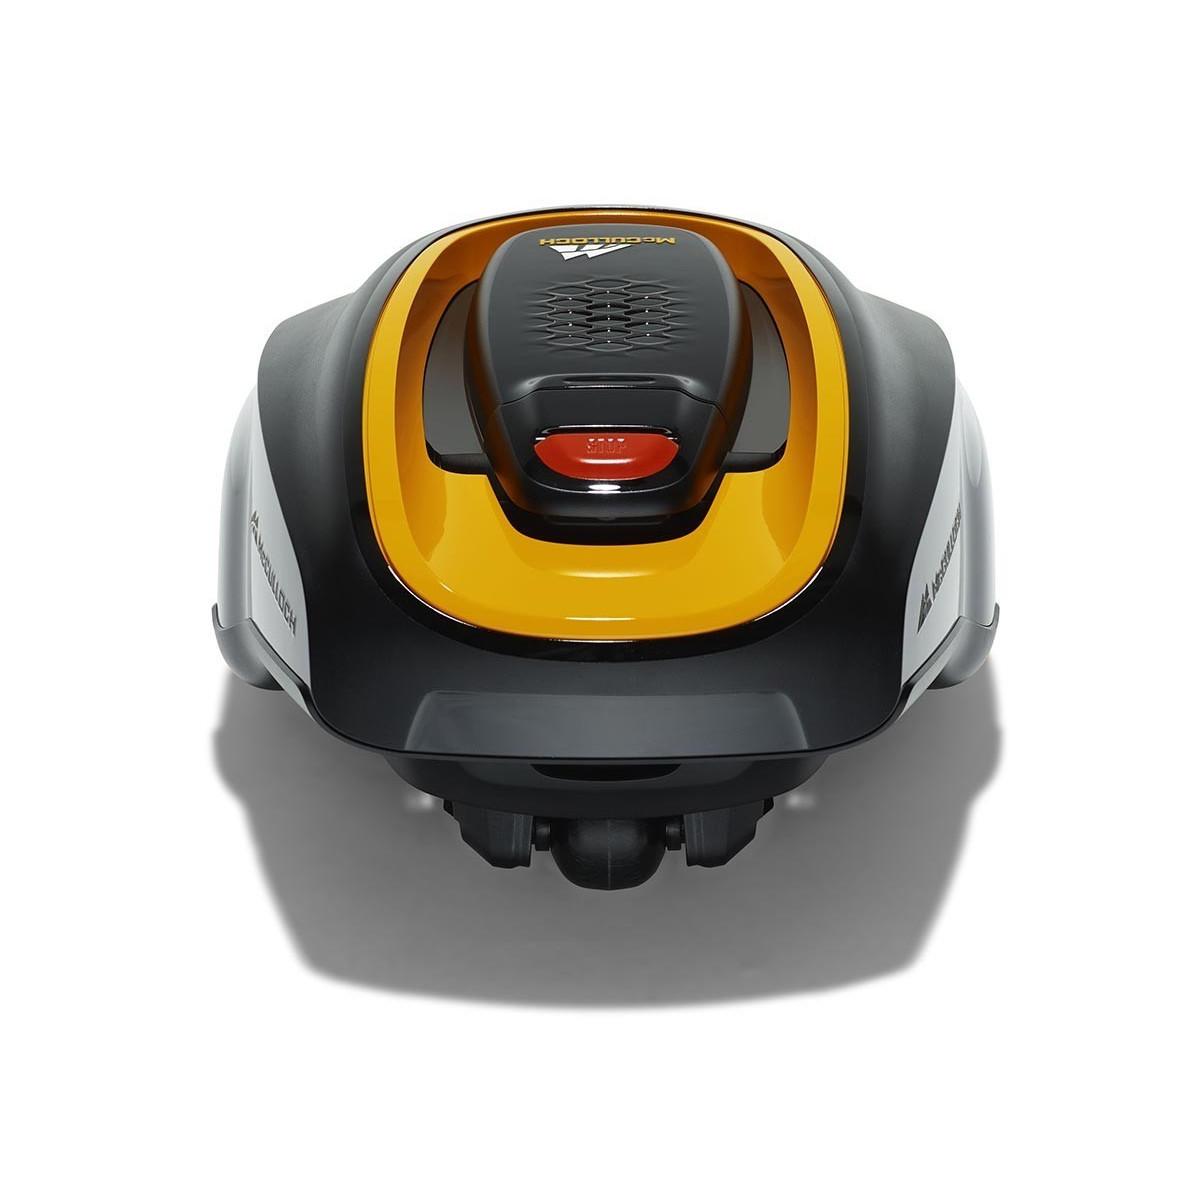 robot tondeuse mc culloch rob 1000 bestofrobots. Black Bedroom Furniture Sets. Home Design Ideas